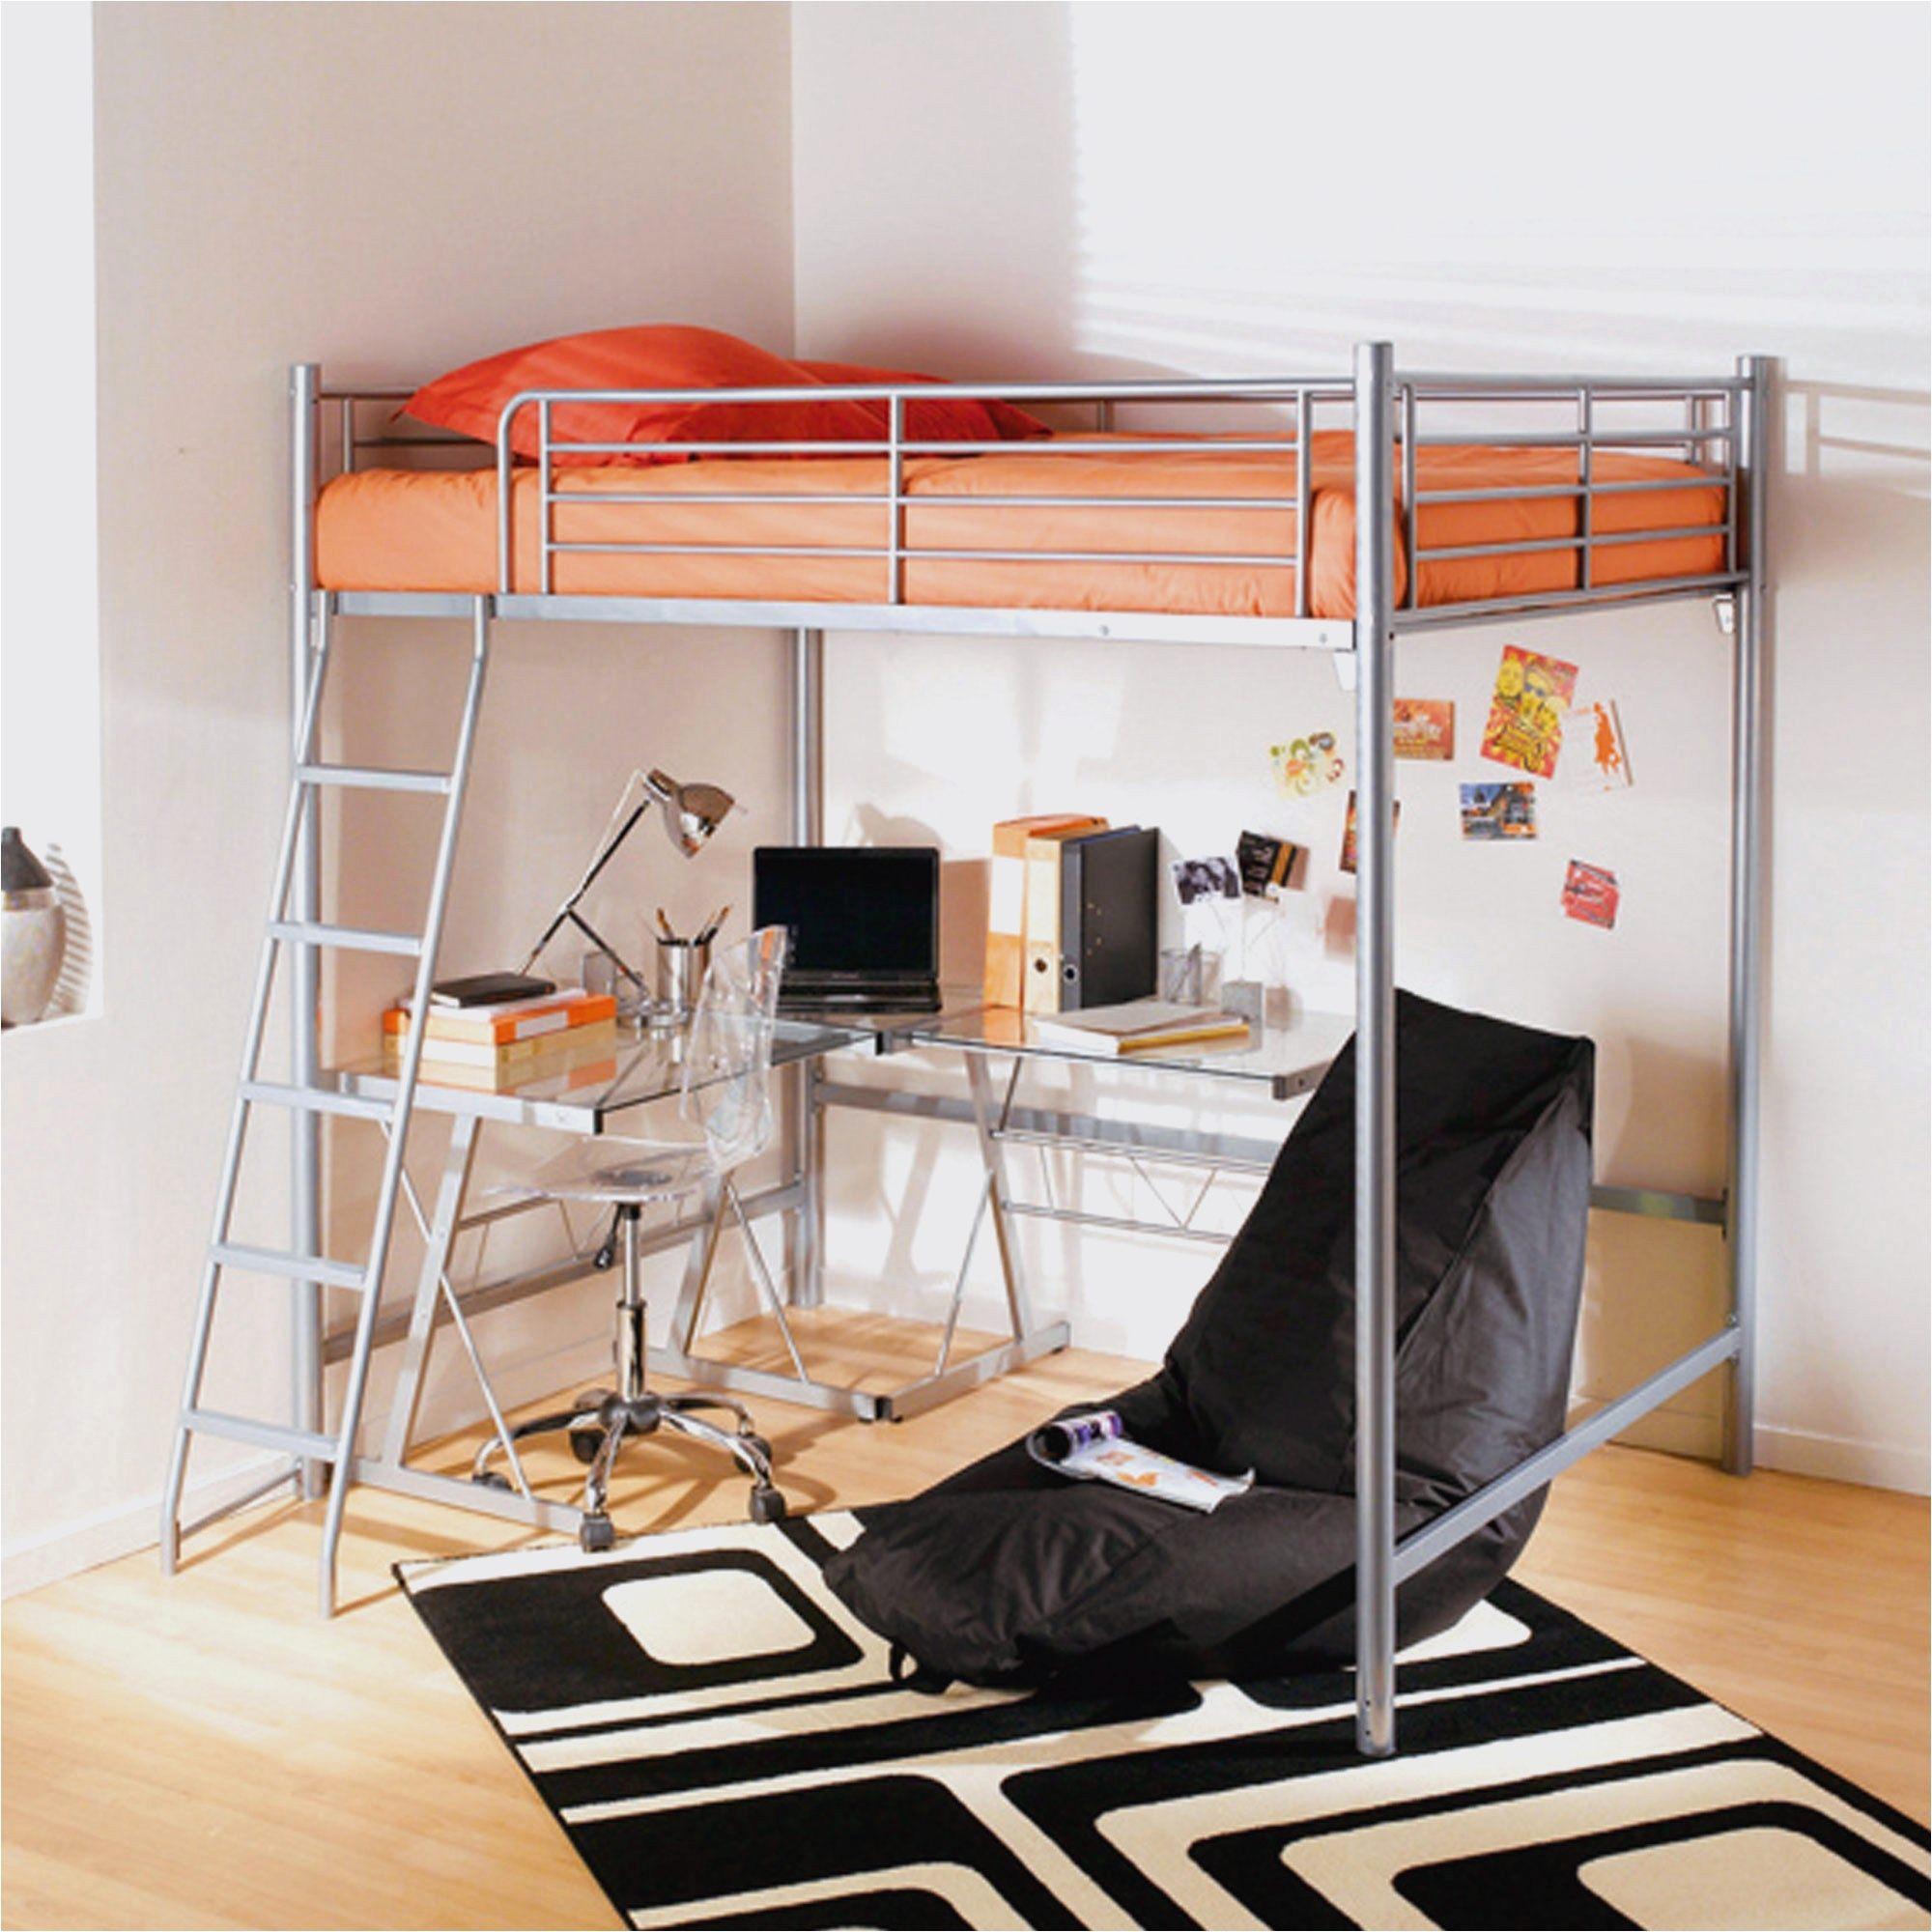 étonnant Lit Mezzanine Avec Canape Dans Canape 2 Places Ikea Lit